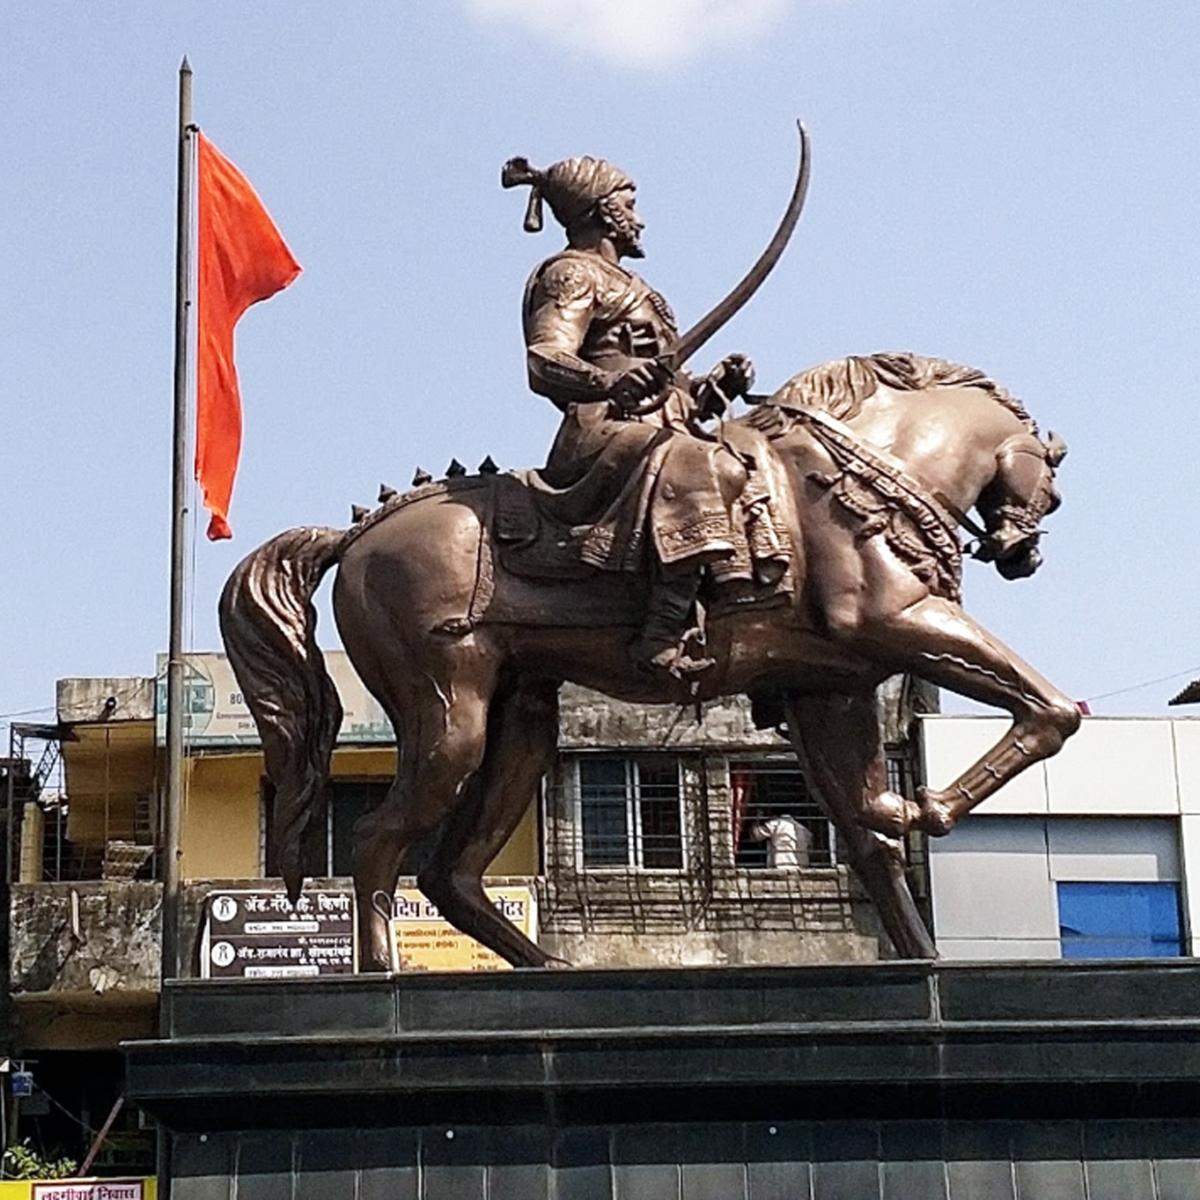 Mumbai: Shiv Sena opposes relocation of Chhatrapati Shivaji Maharaj's statue; demands raising its height by 25 feet